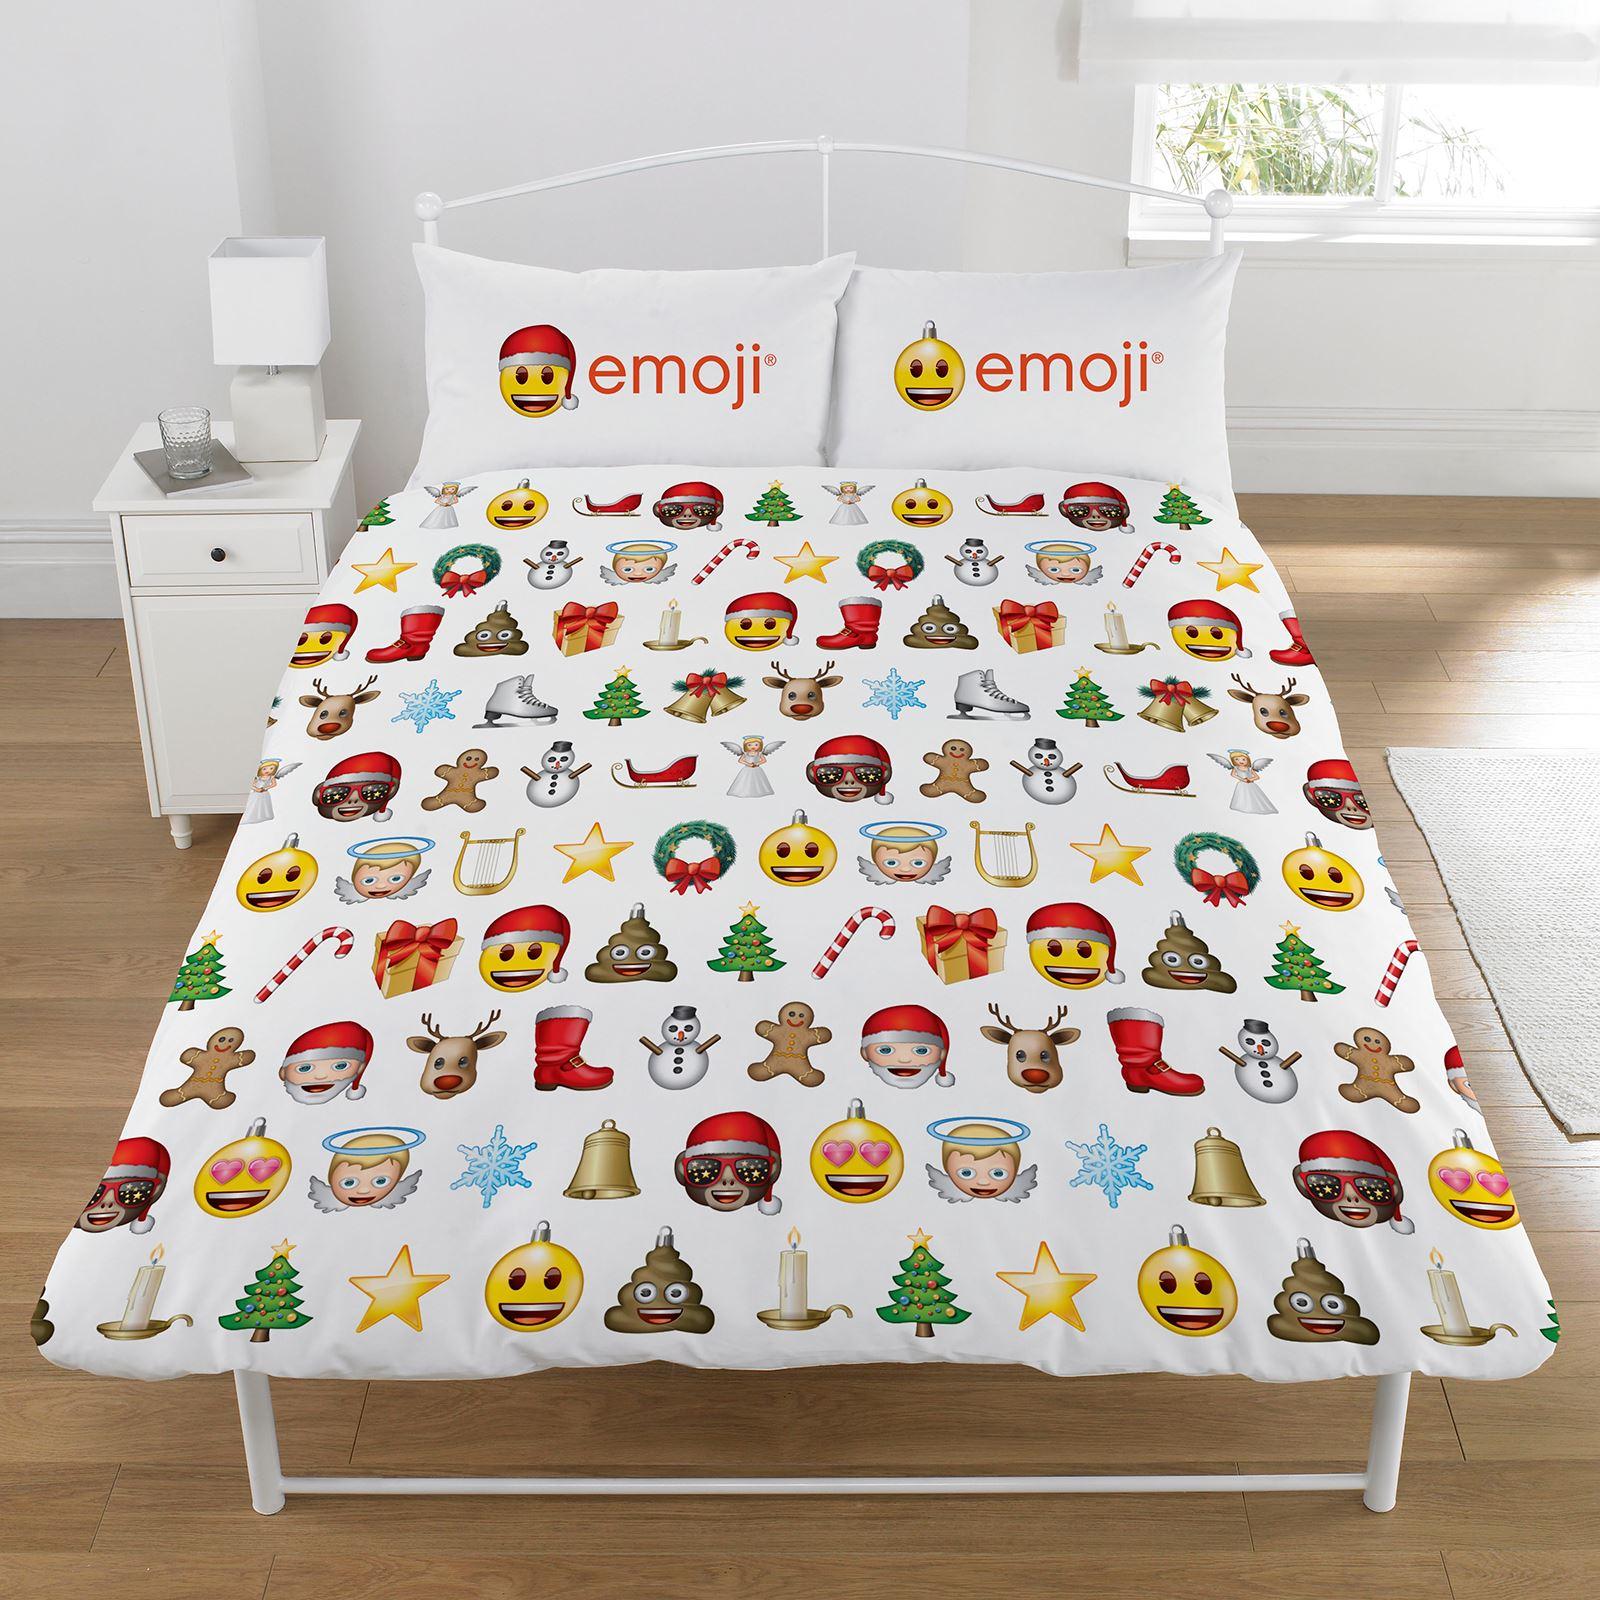 Indexbild 27 - Kinder Weihnachten Bettbezug Sets - Junior Einzel Doppel King - Elf Emoji Grinch